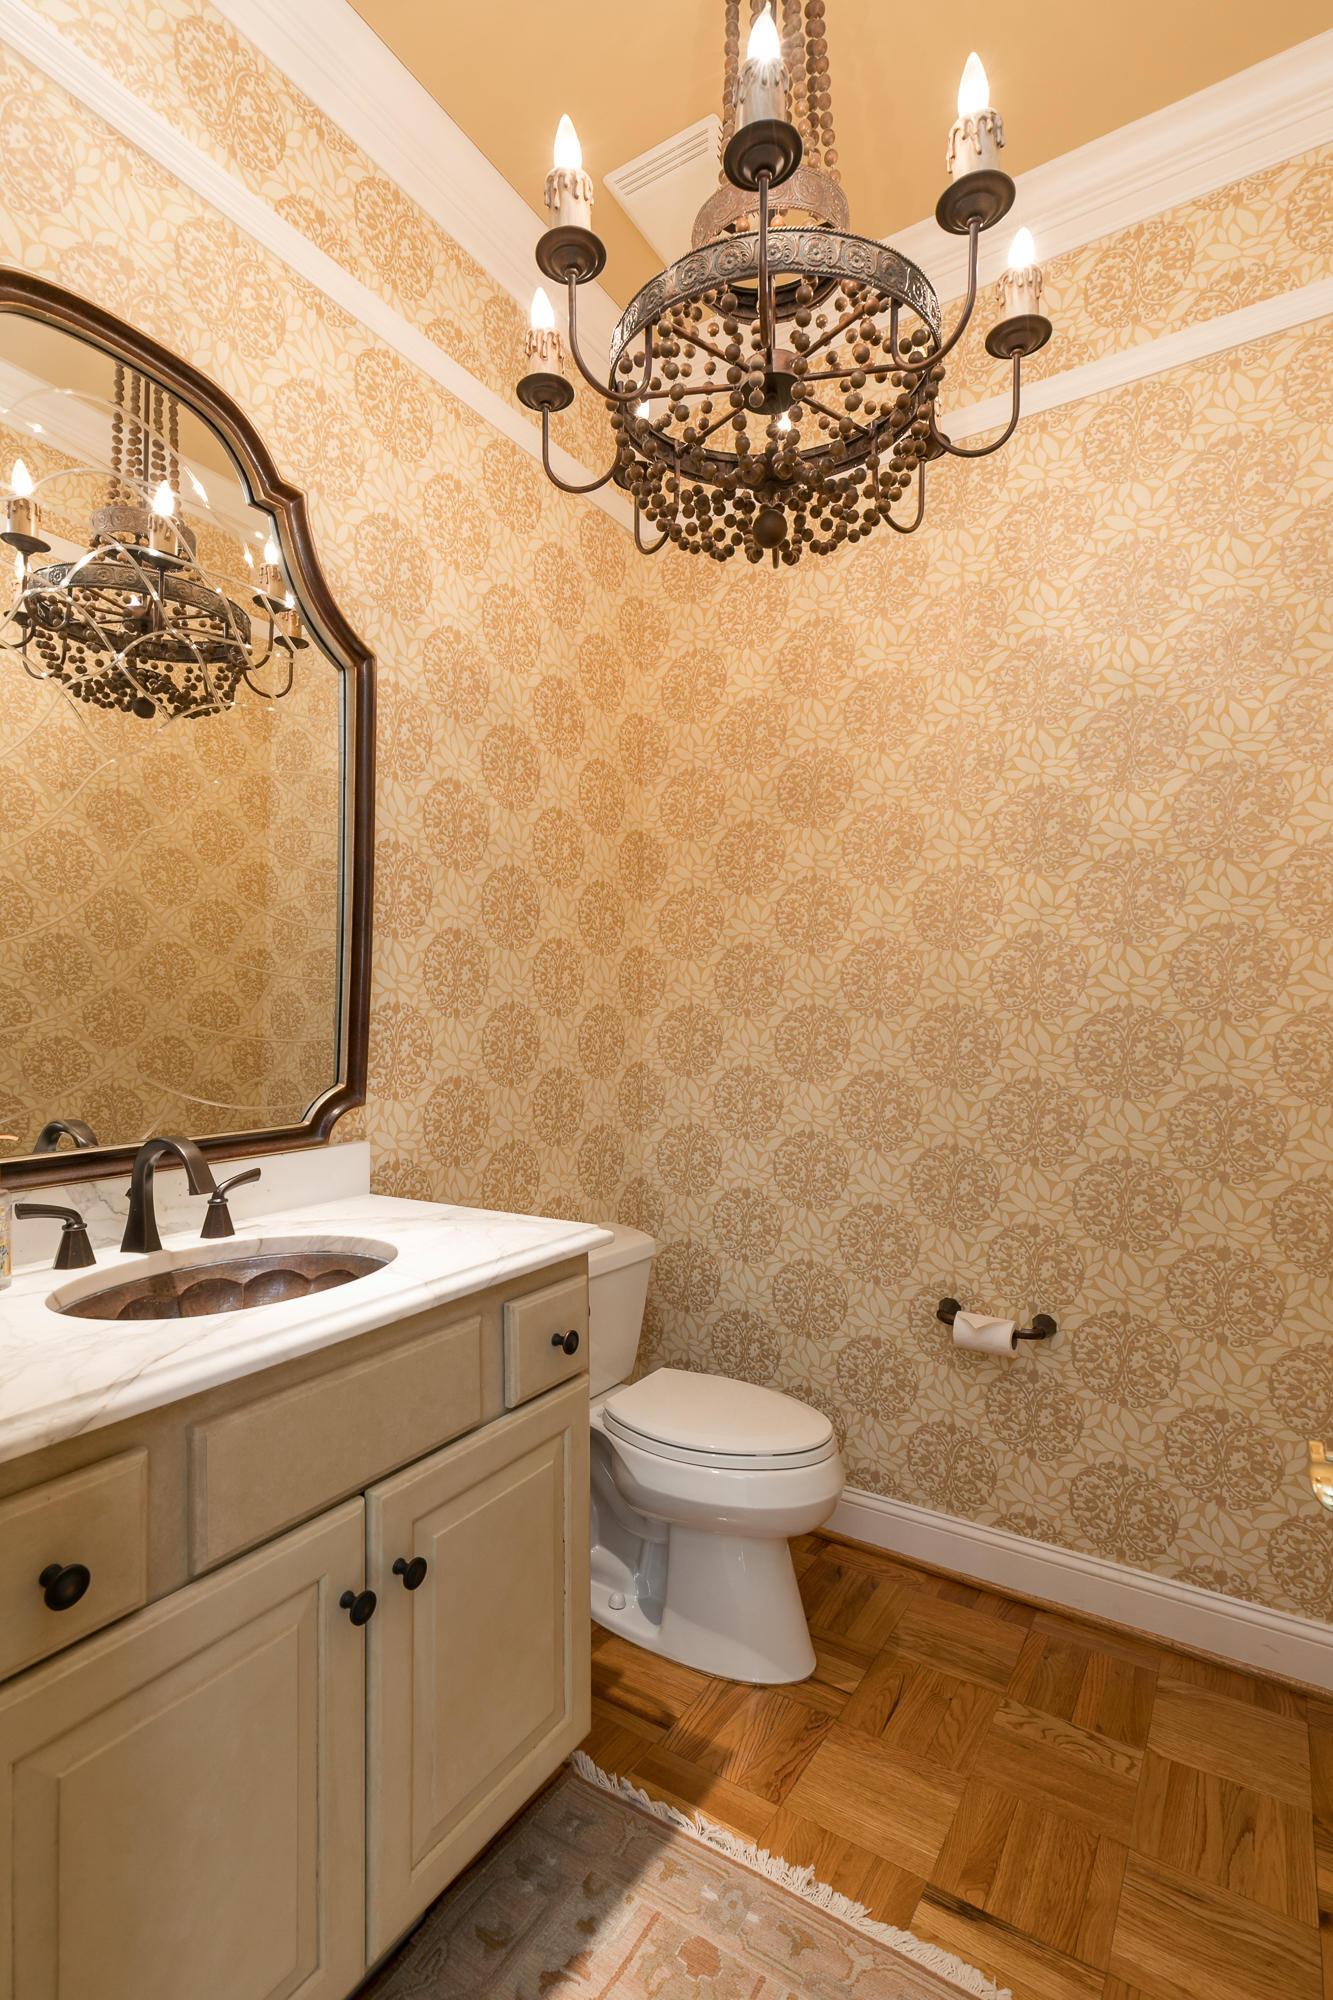 Seabrook Island Homes For Sale - 3640 Pompano, Seabrook Island, SC - 65